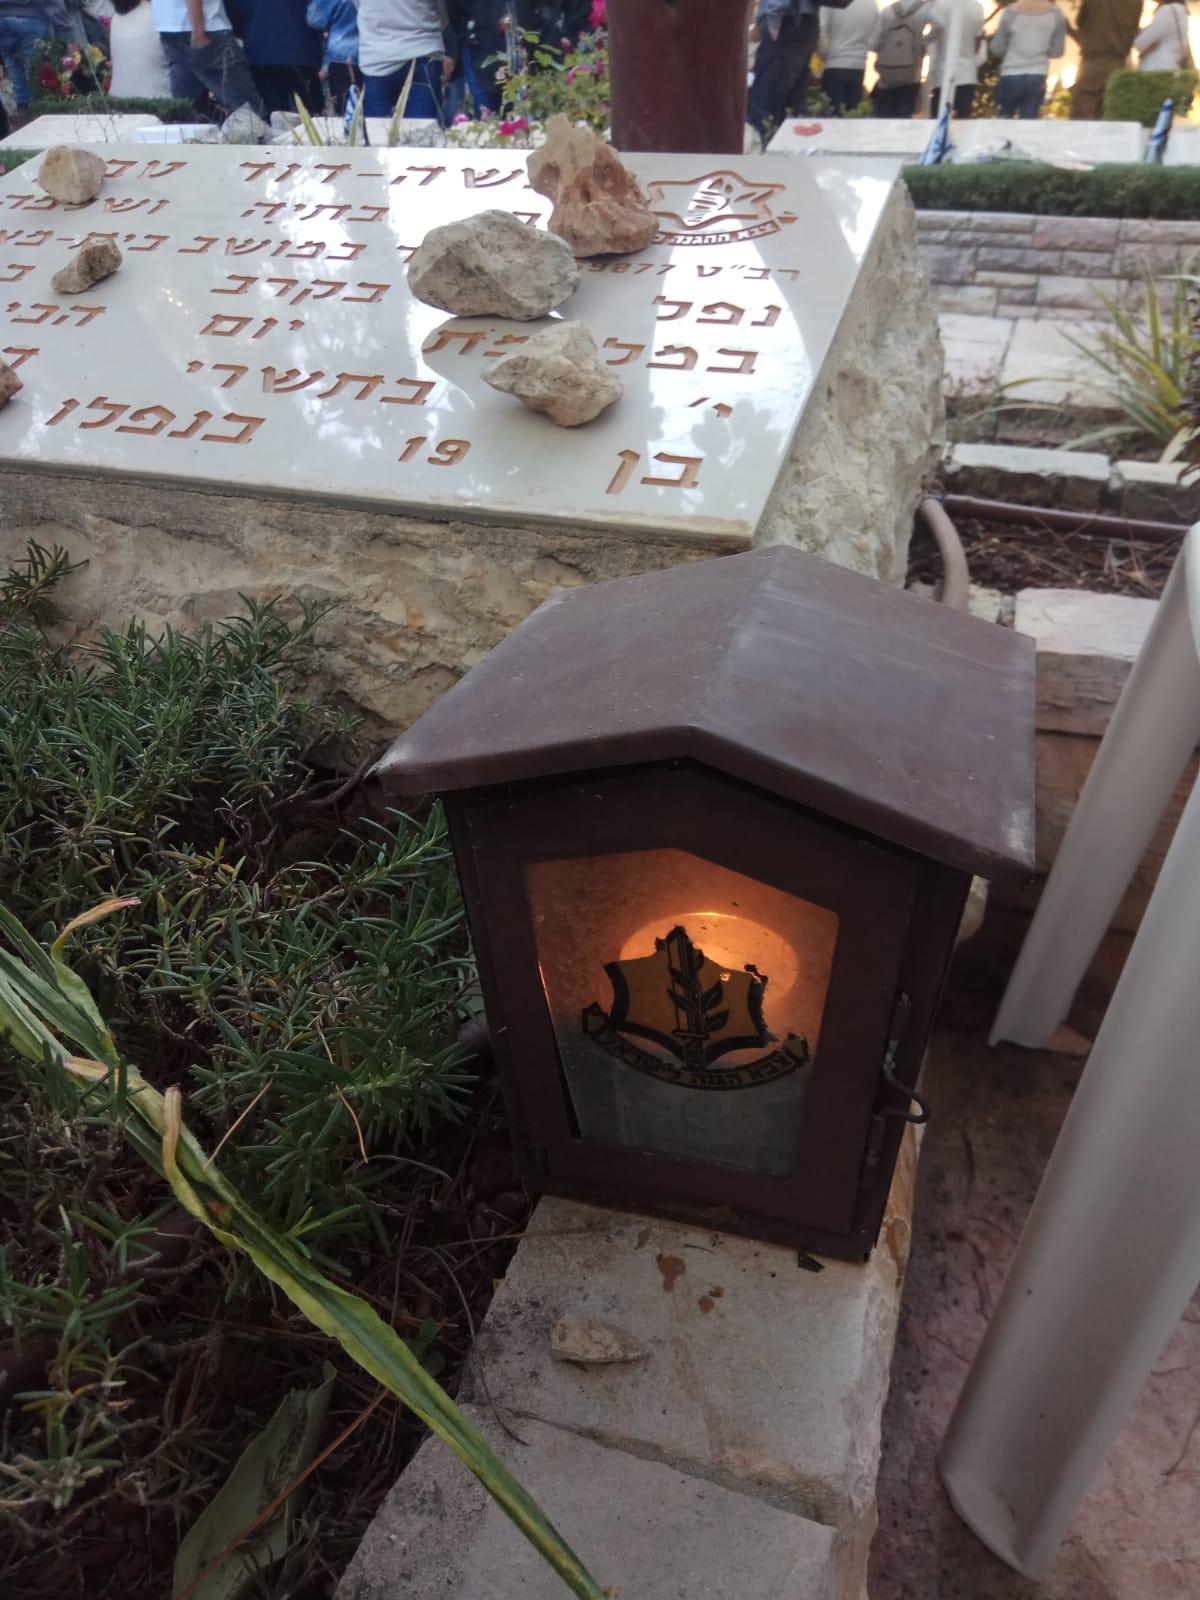 עם ישראל מרכין ראש לזכרם של 23,741 נופלים במערכות ישראל ו- 3,150 ונפגעי פעולות איבה